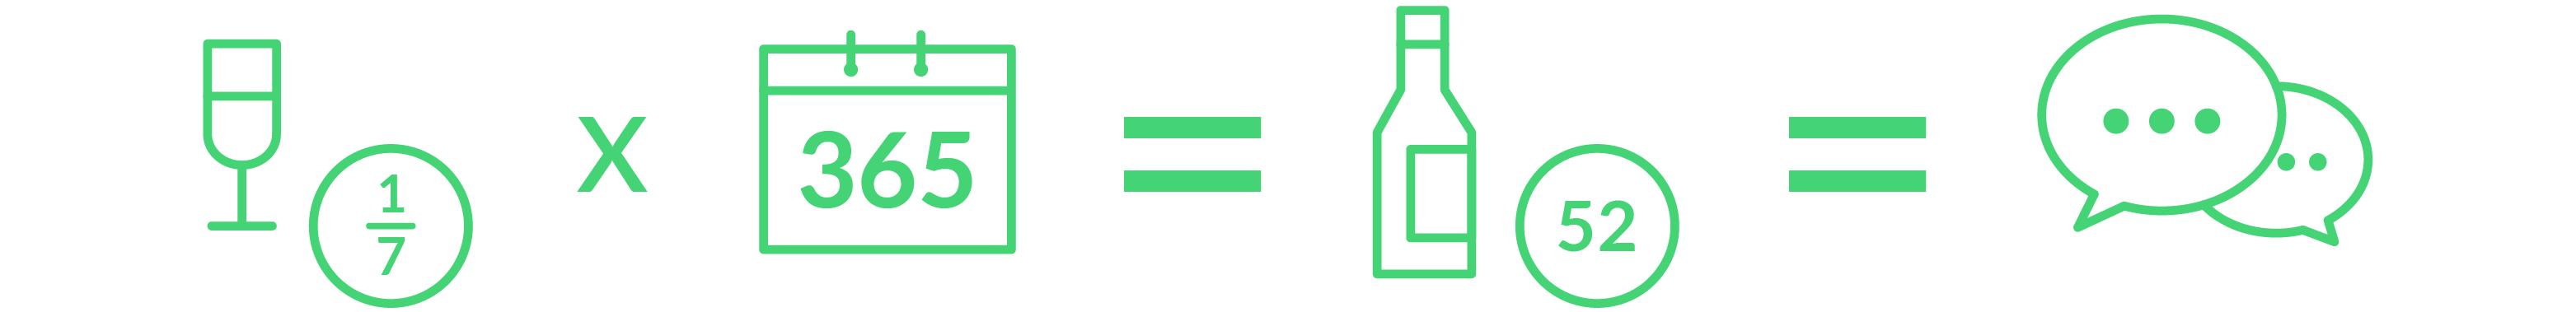 pij wino zamiast piwa